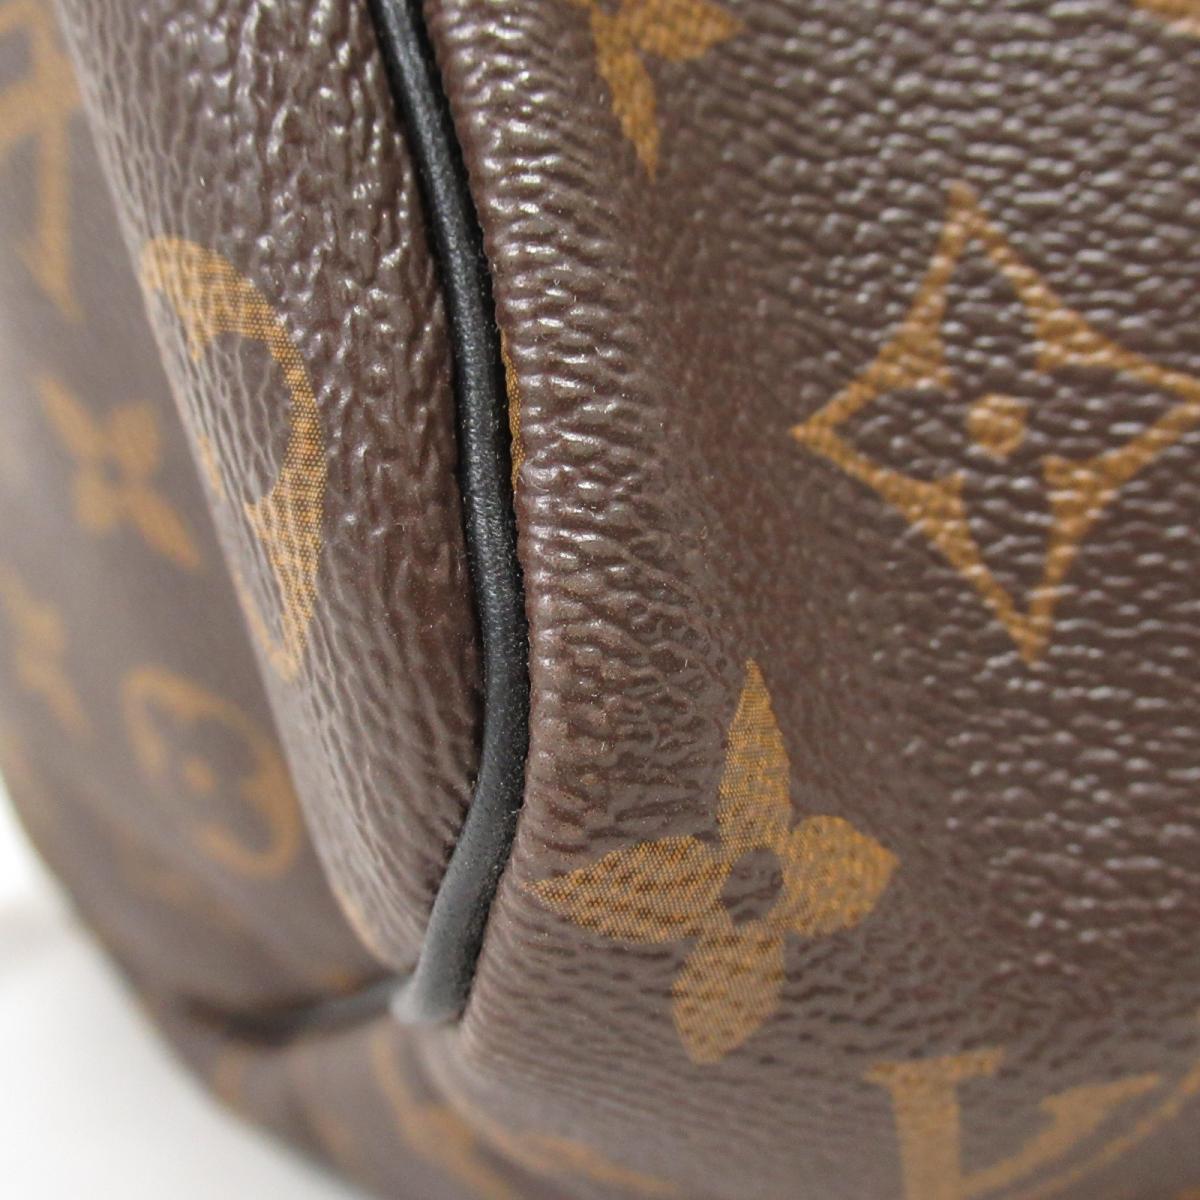 ルイヴィトン キーポル・バンドリエール45 ボストンバッグ メンズ モノグラム・マカサーM56711LOUIS VUITTON BRANDOFF ブランドオフ ヴィトン ルイ・ヴィトン ブランド ブランドバッグ バッグ 旅行 ハンドバッグ8OmvNn0w